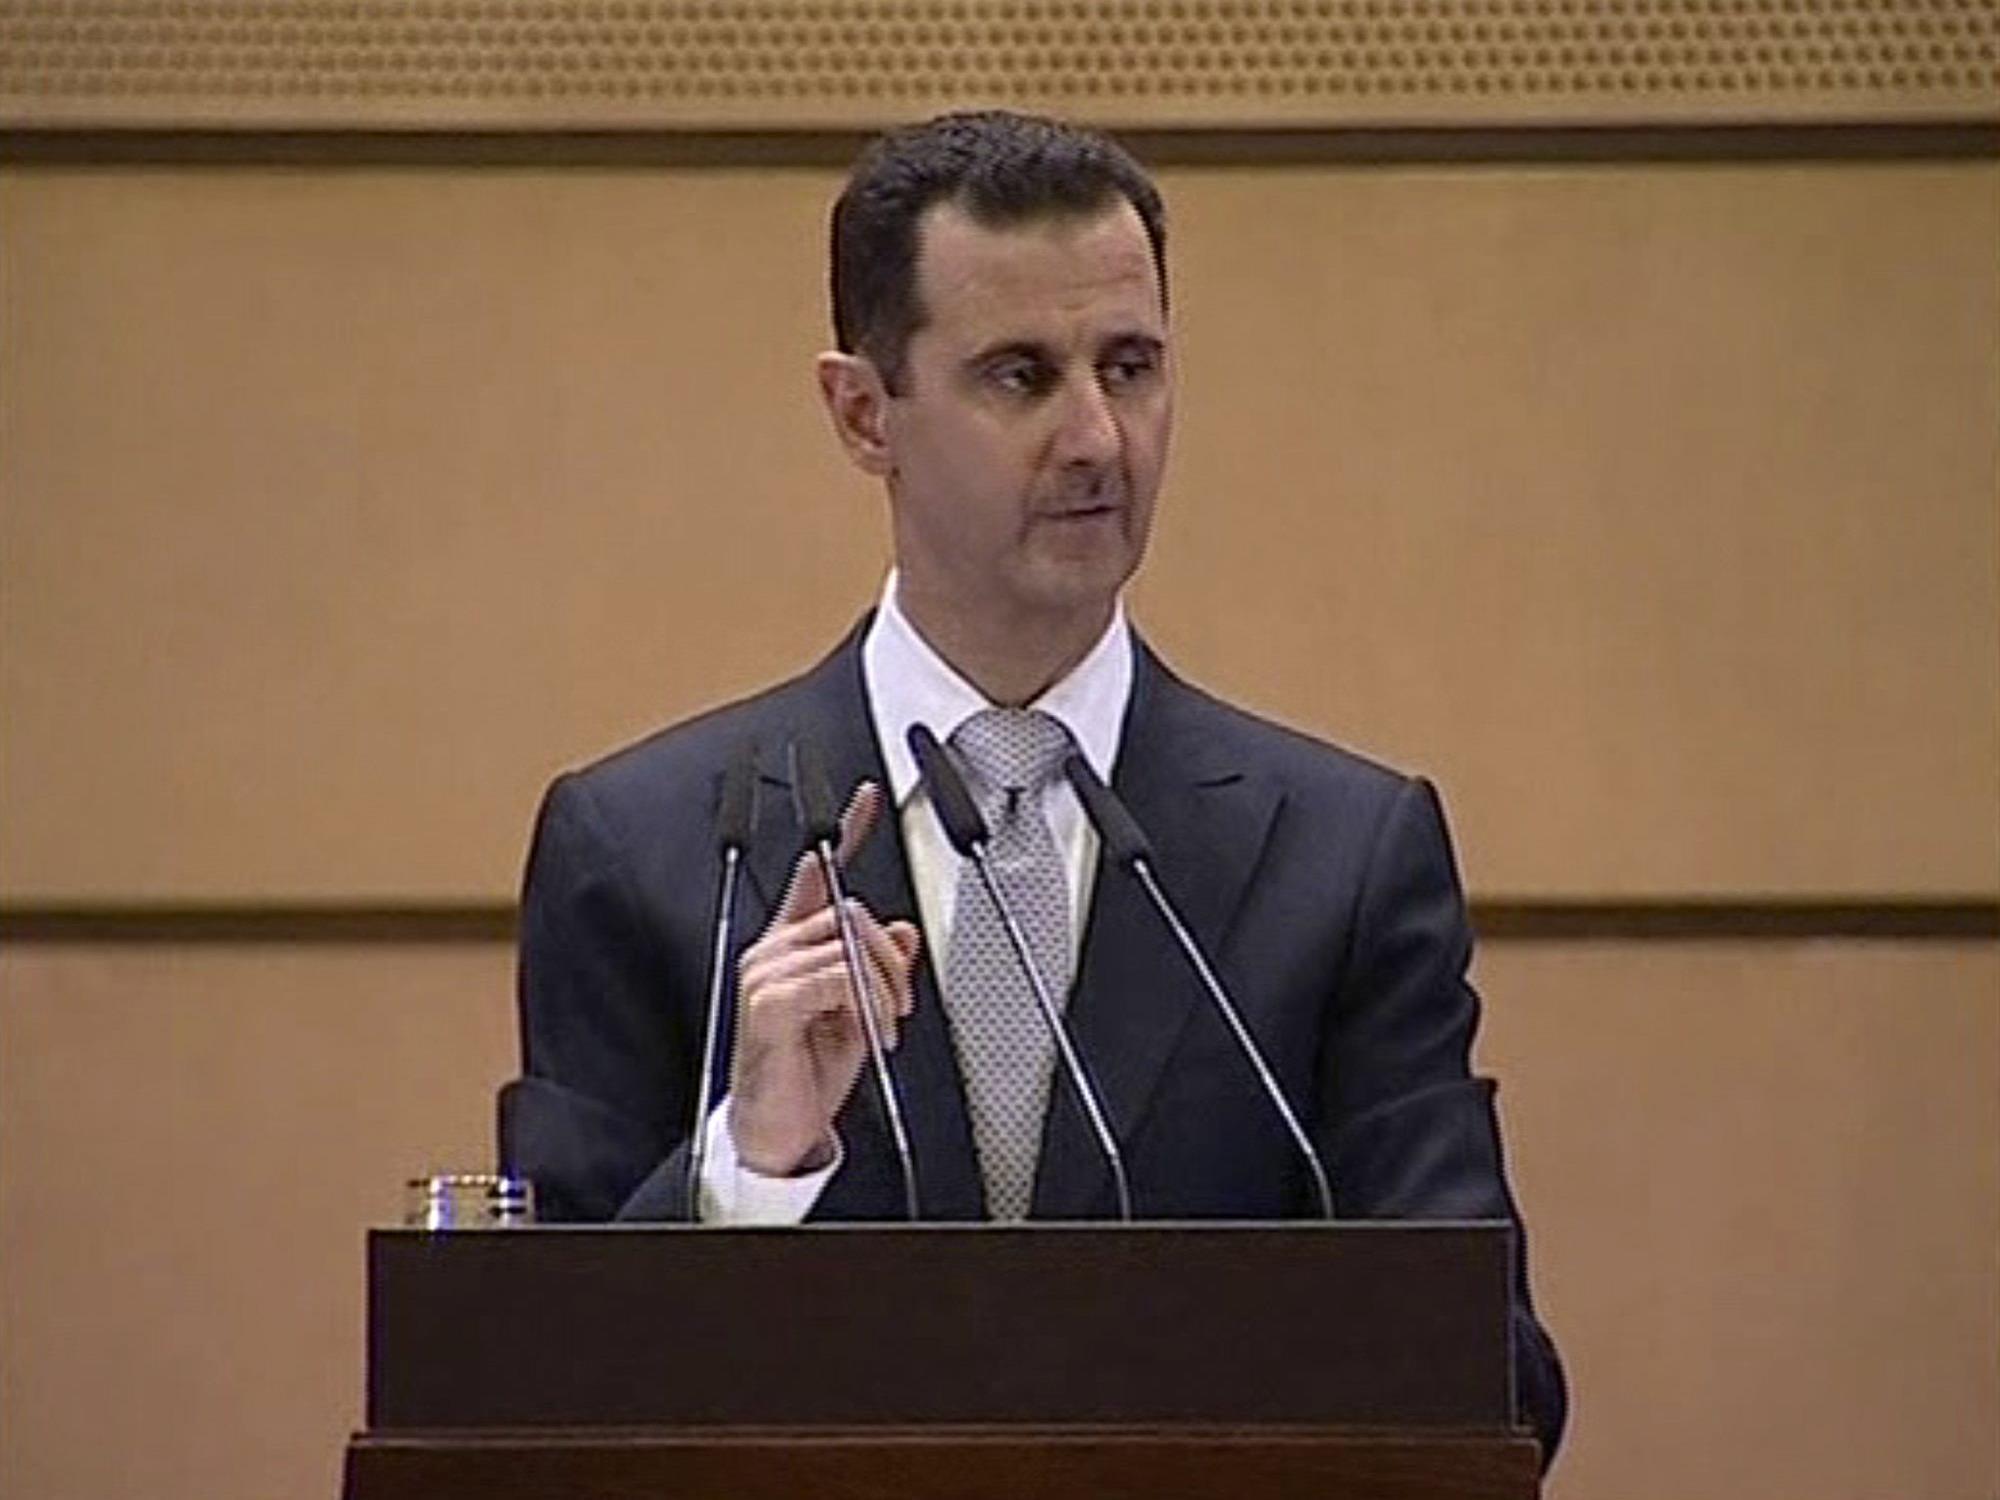 Assad gibt dem Ausland die Schuld für die Aufstände.